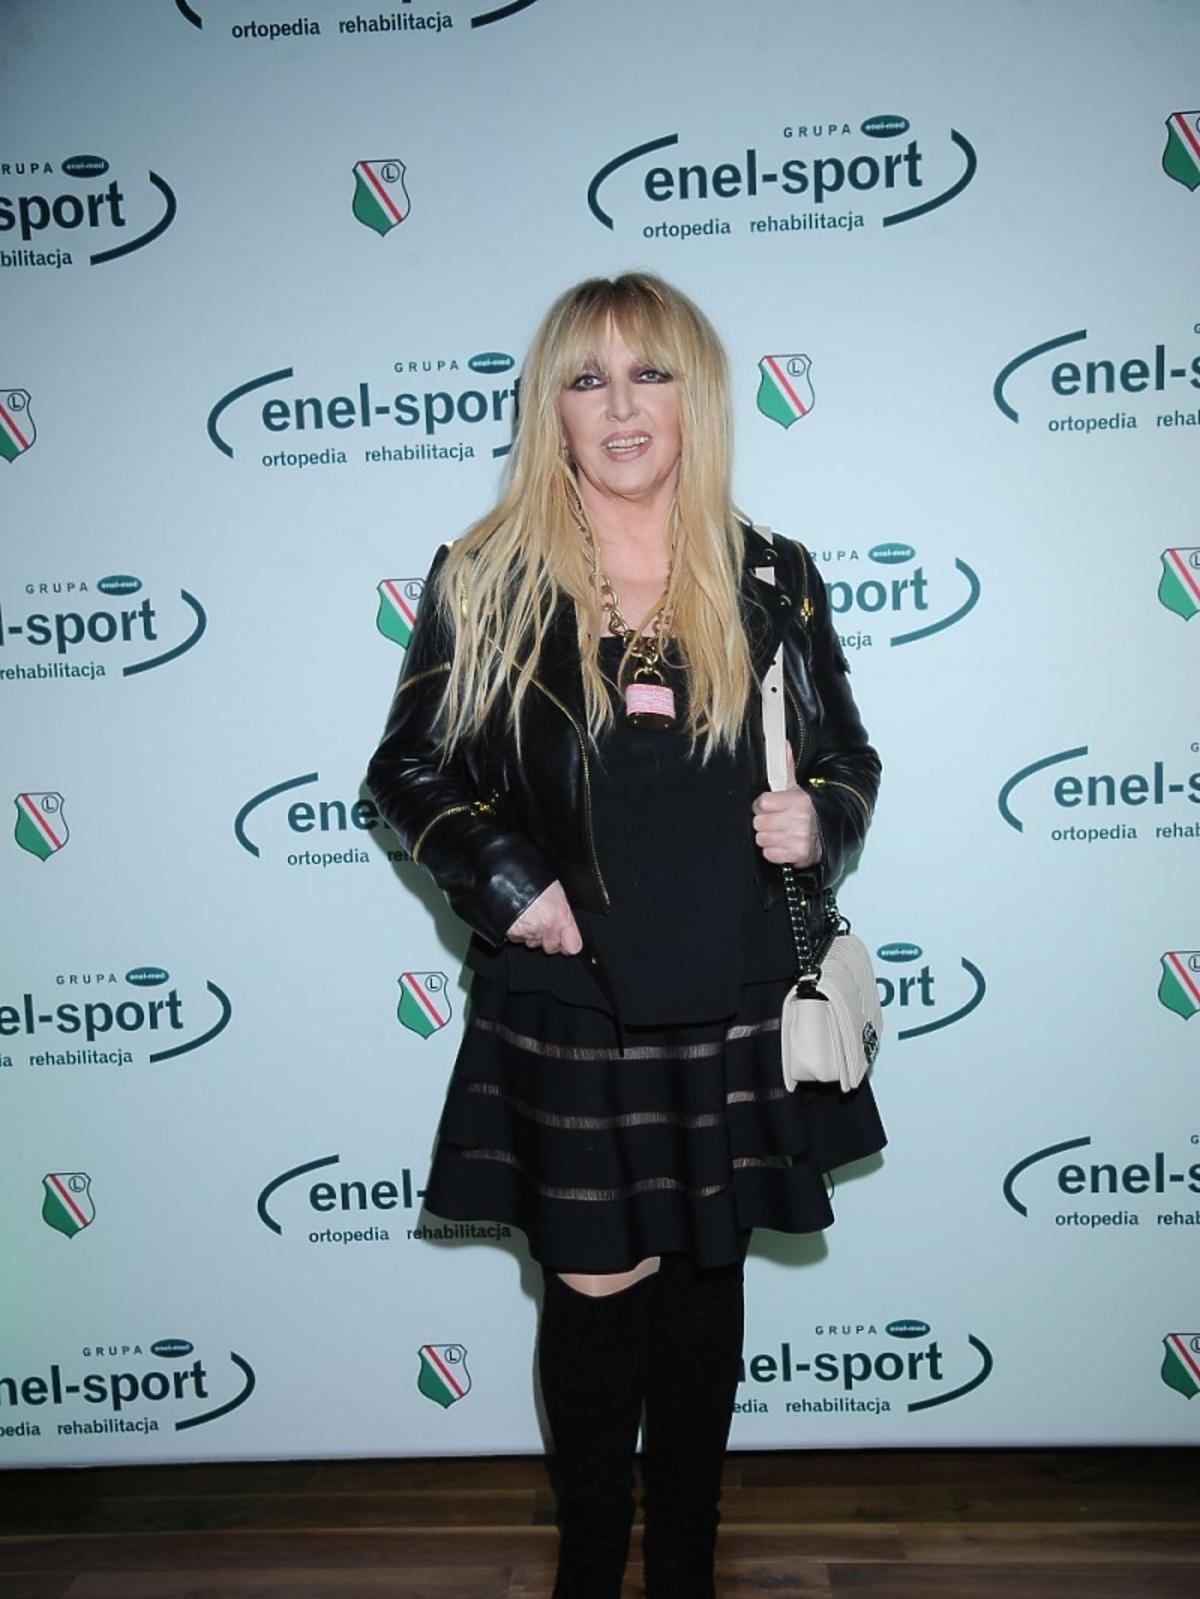 Maryla Rodowicz w czarnej sukience na stadionie Legia Warszawa